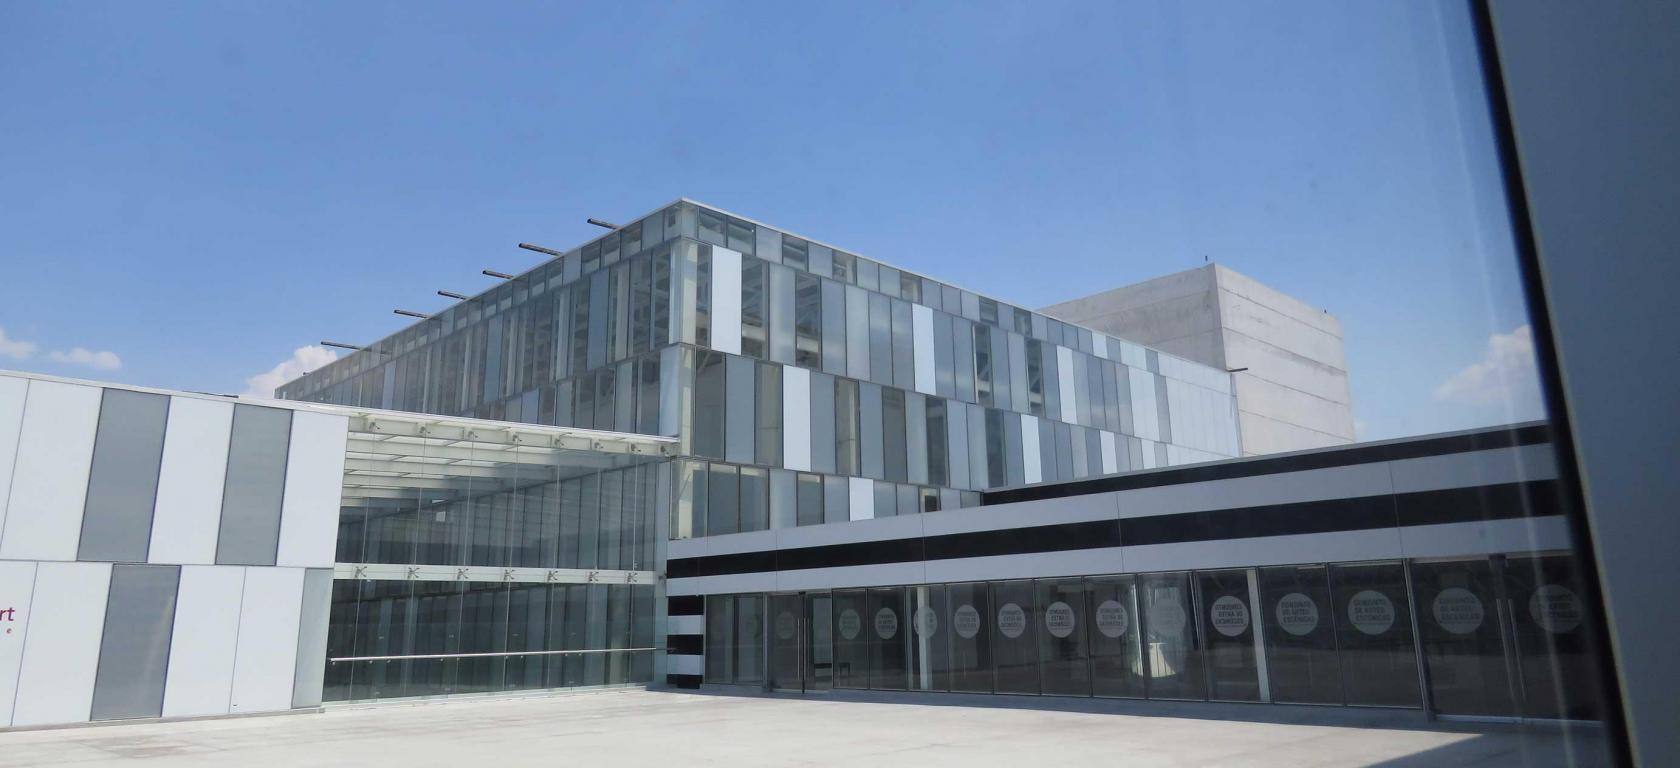 Universidad-de-Guadalajara-white-vanceva